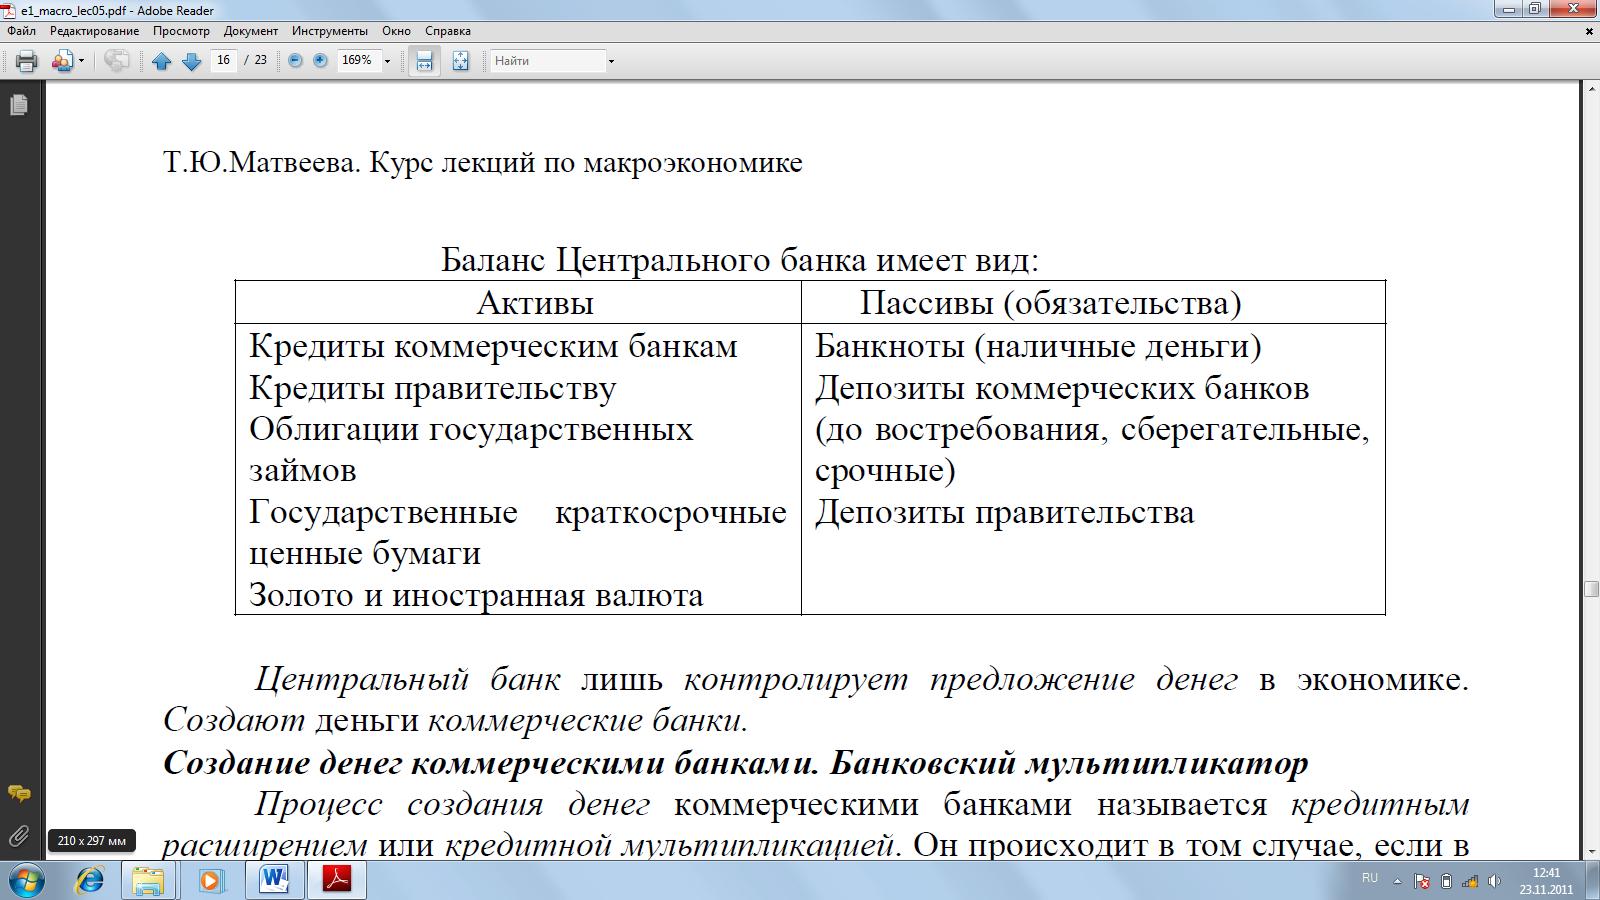 кредиты и депозиты центрального банка